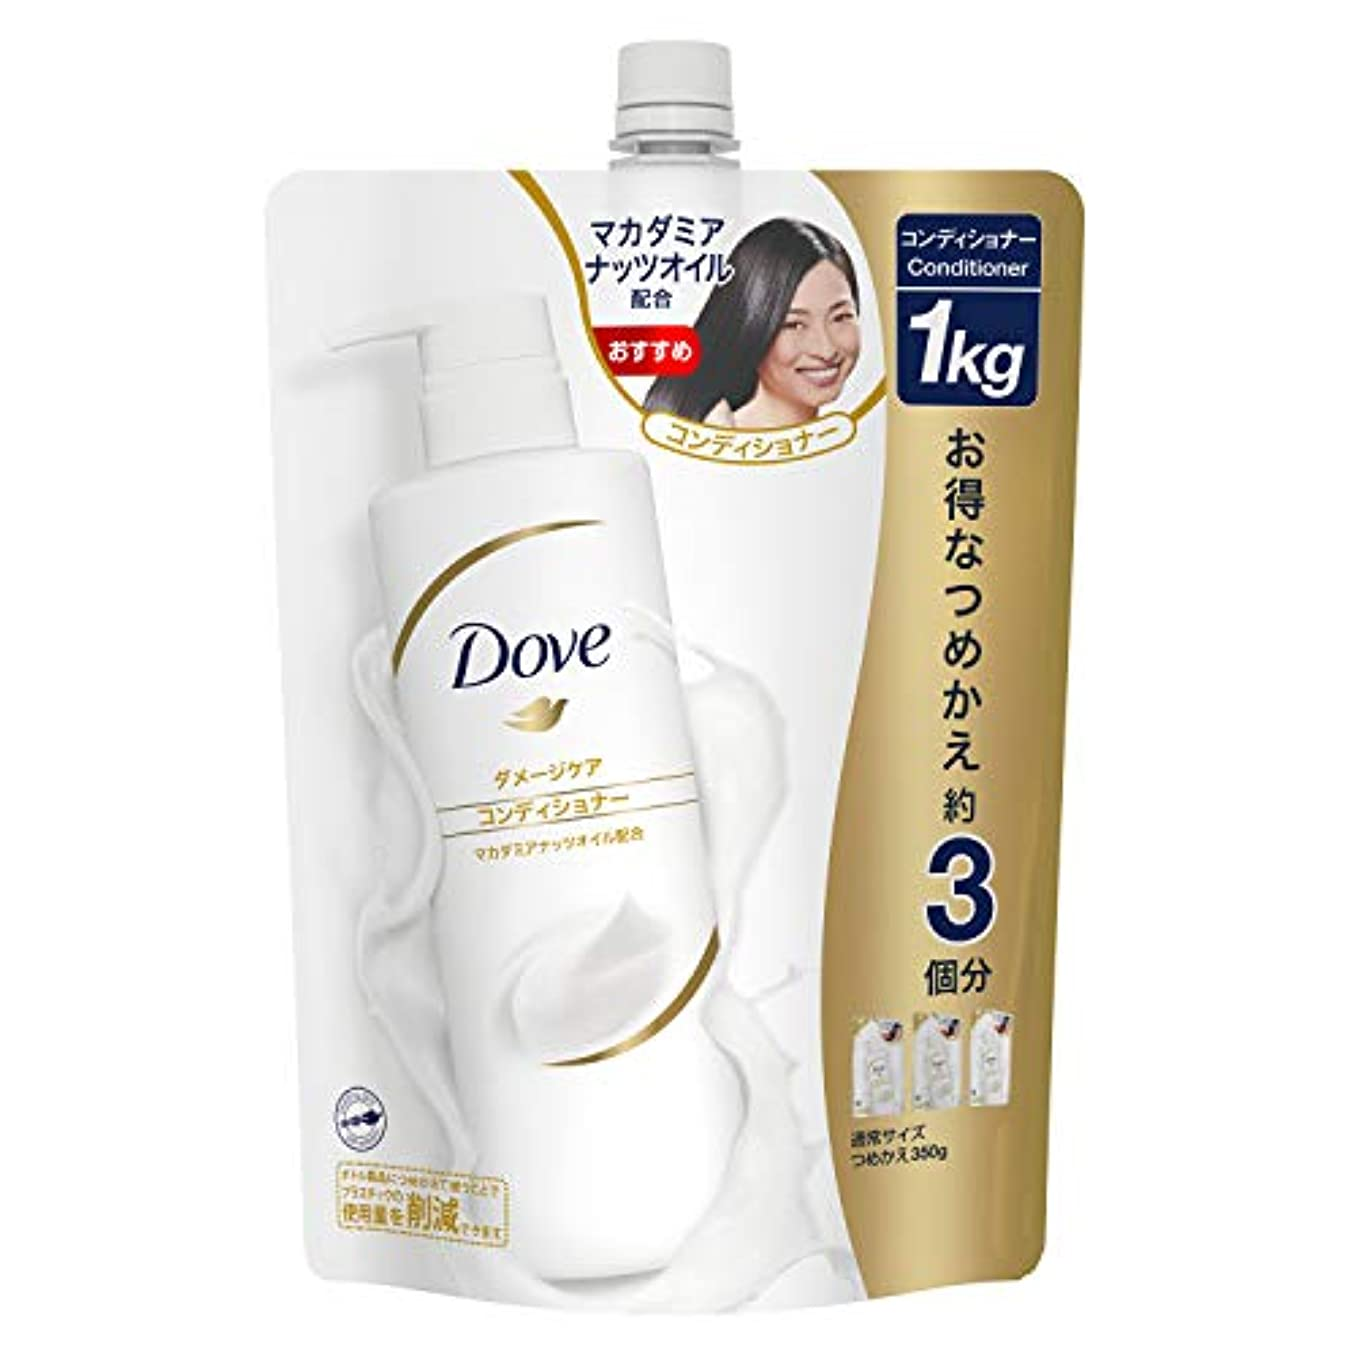 談話酸化する落胆する【大容量】 Dove ダヴ ダメージケア コンディショナー つめかえ用 1kg